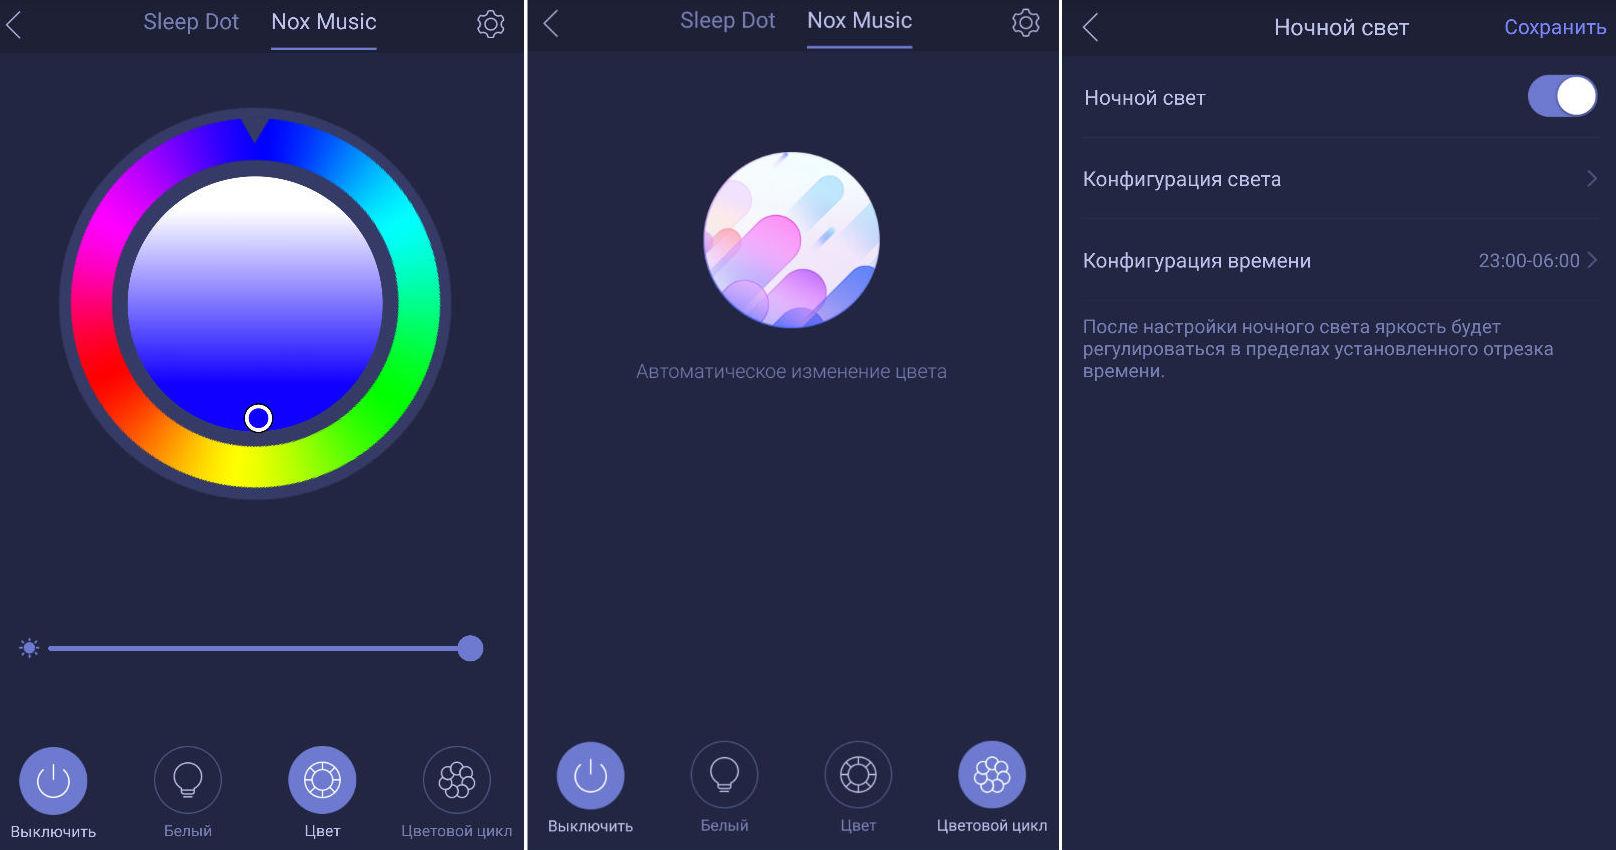 Гаджеты для сна от Sleepace: умная лампа, трекер Xiaomi и наушники-маска - 25